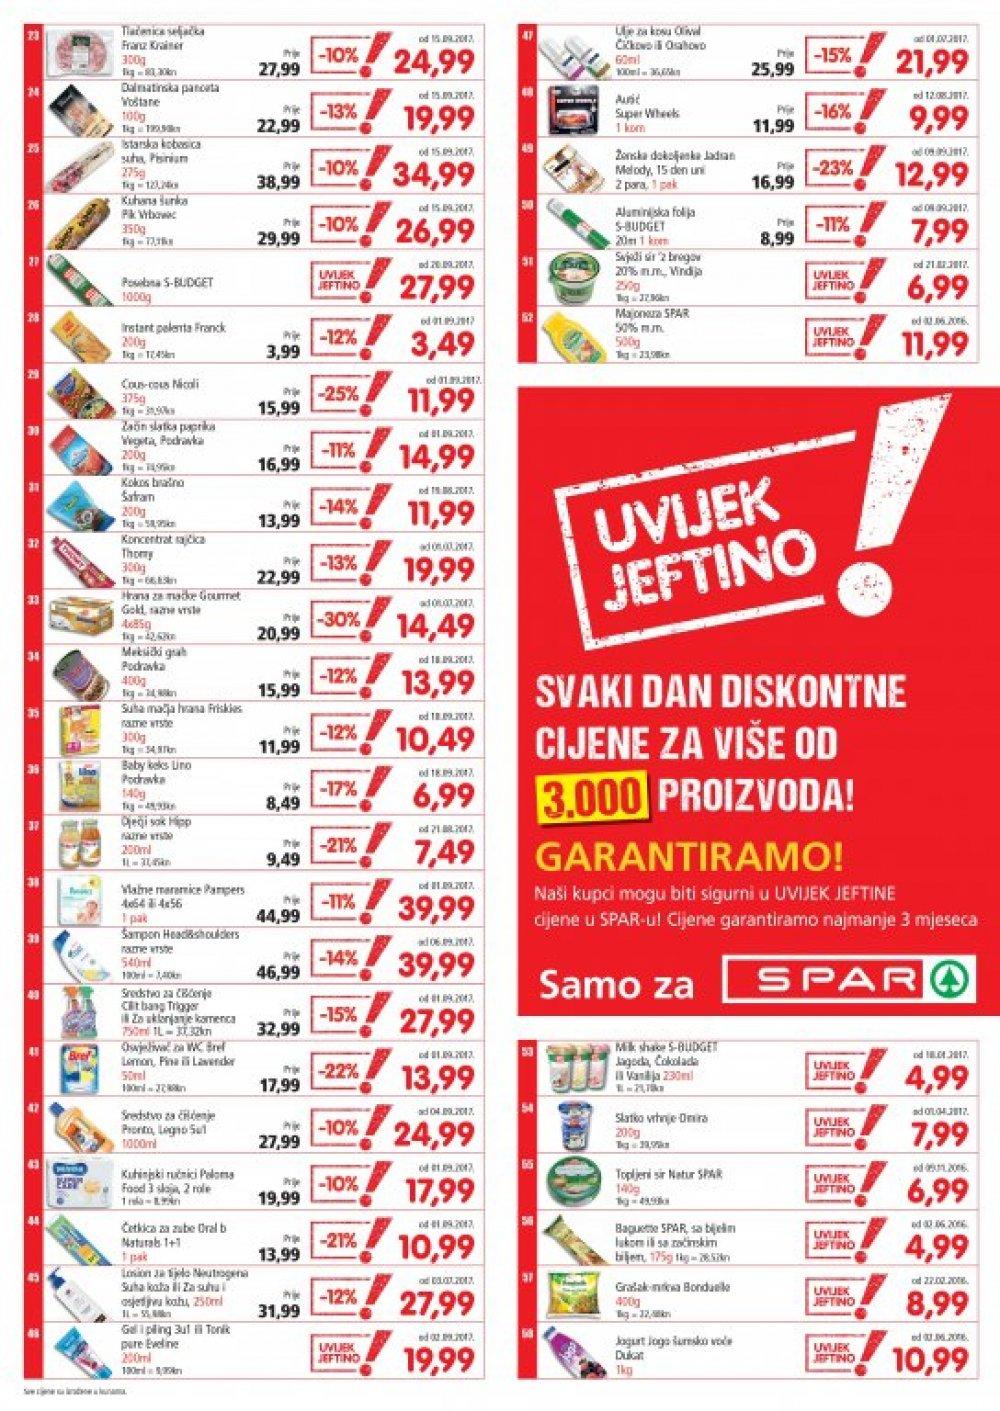 Spar katalog Uvijek jeftino od 27.09. do 31.10.2017